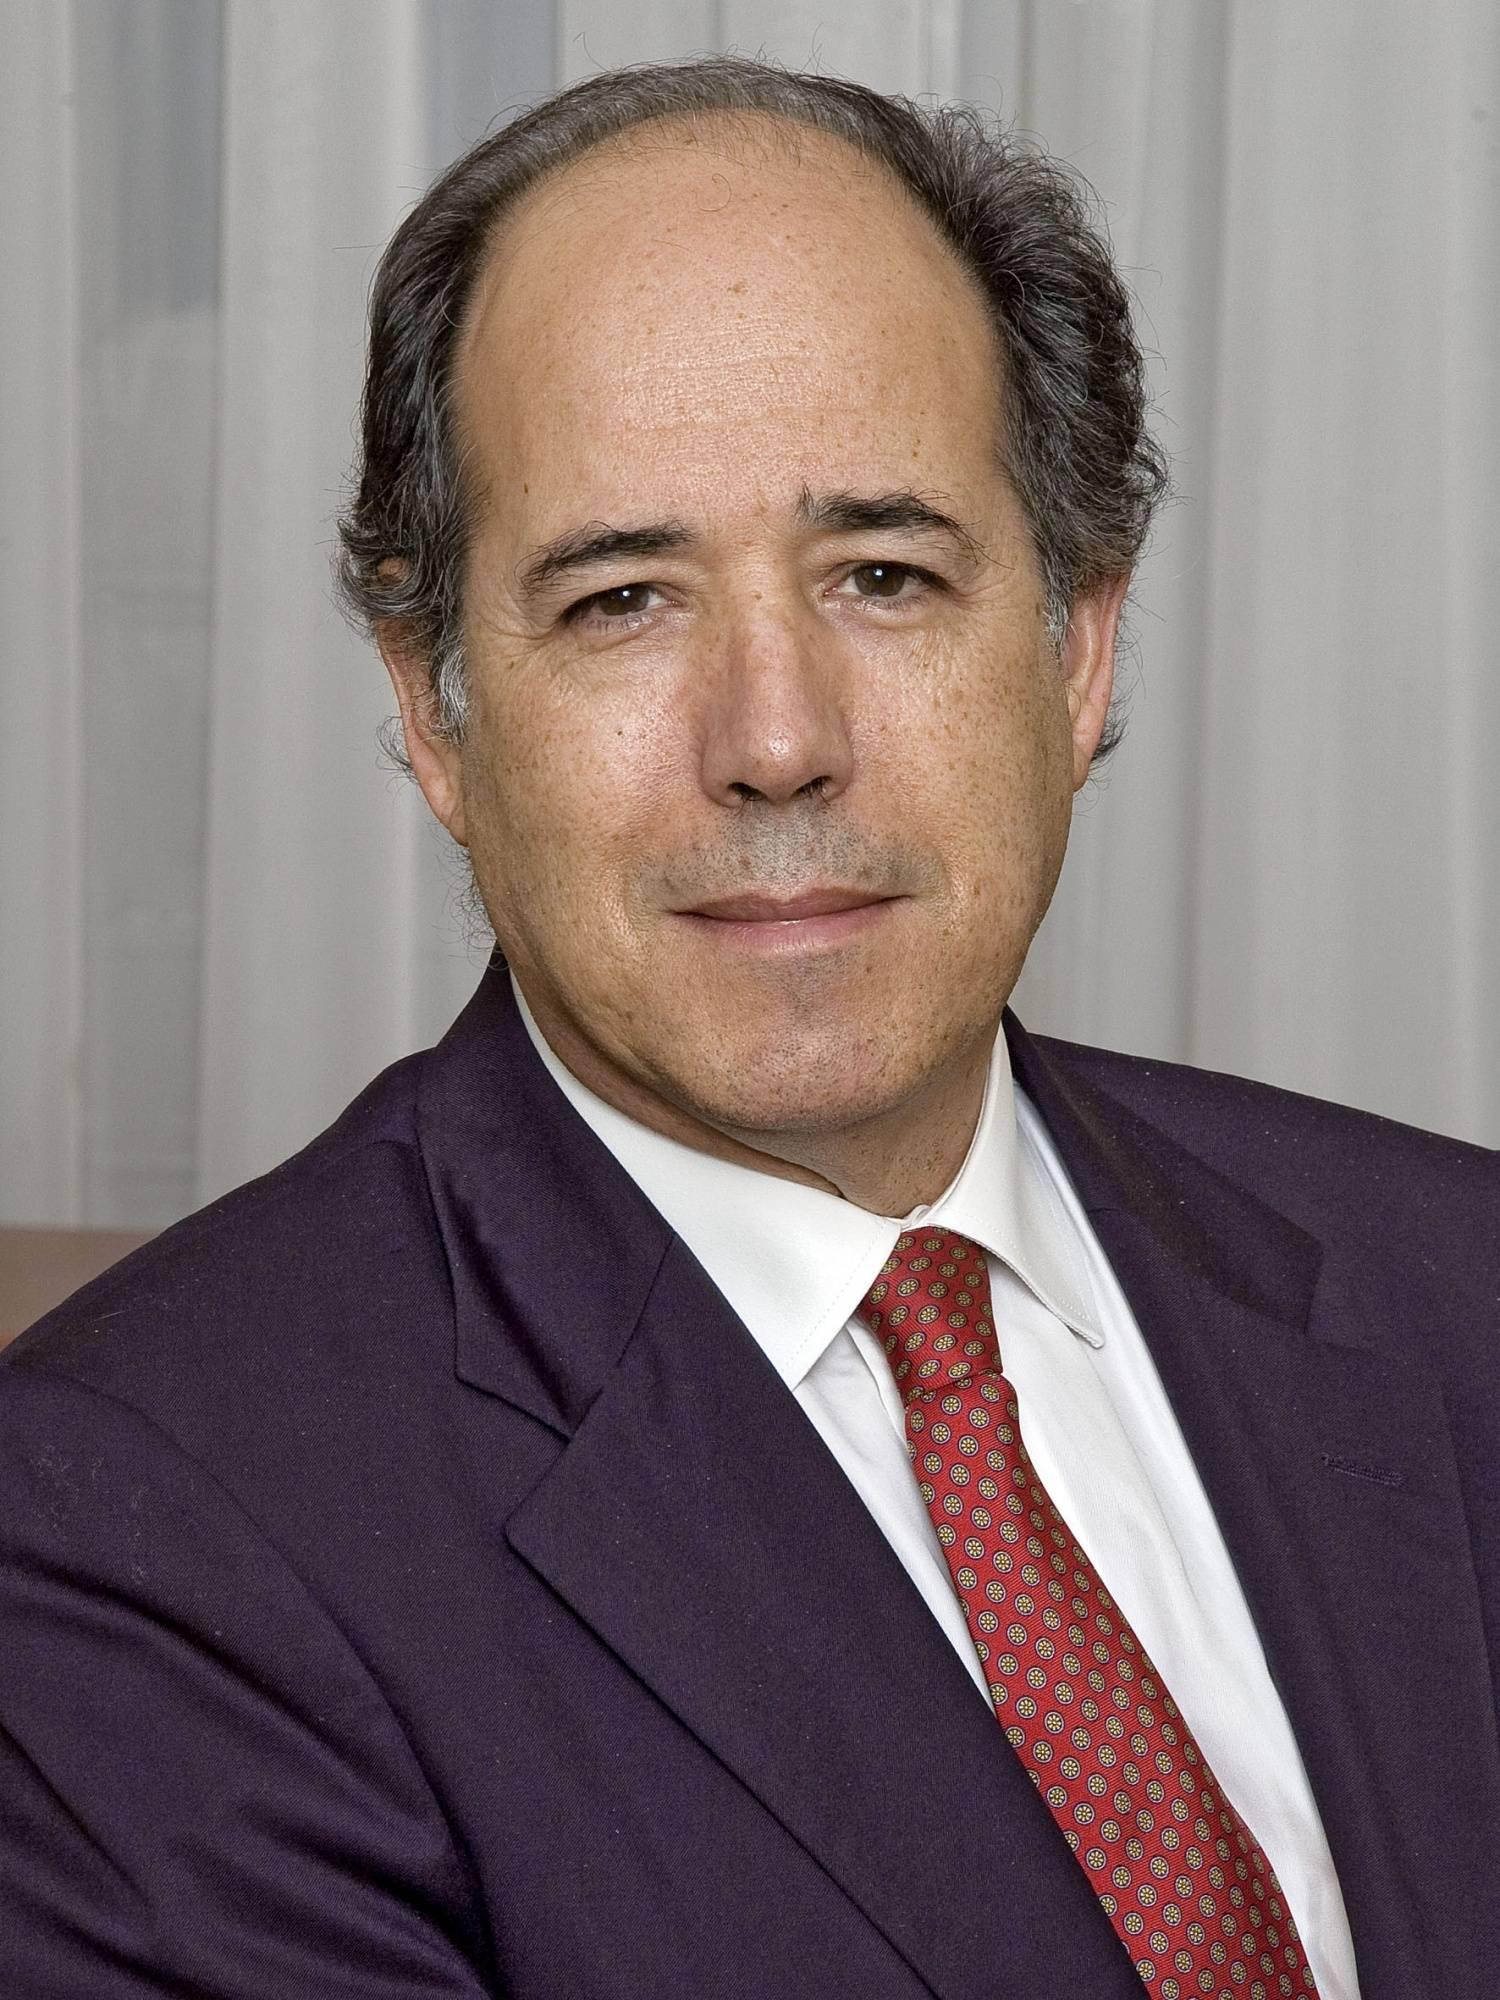 José Miguel Caldas de Almeida Barros